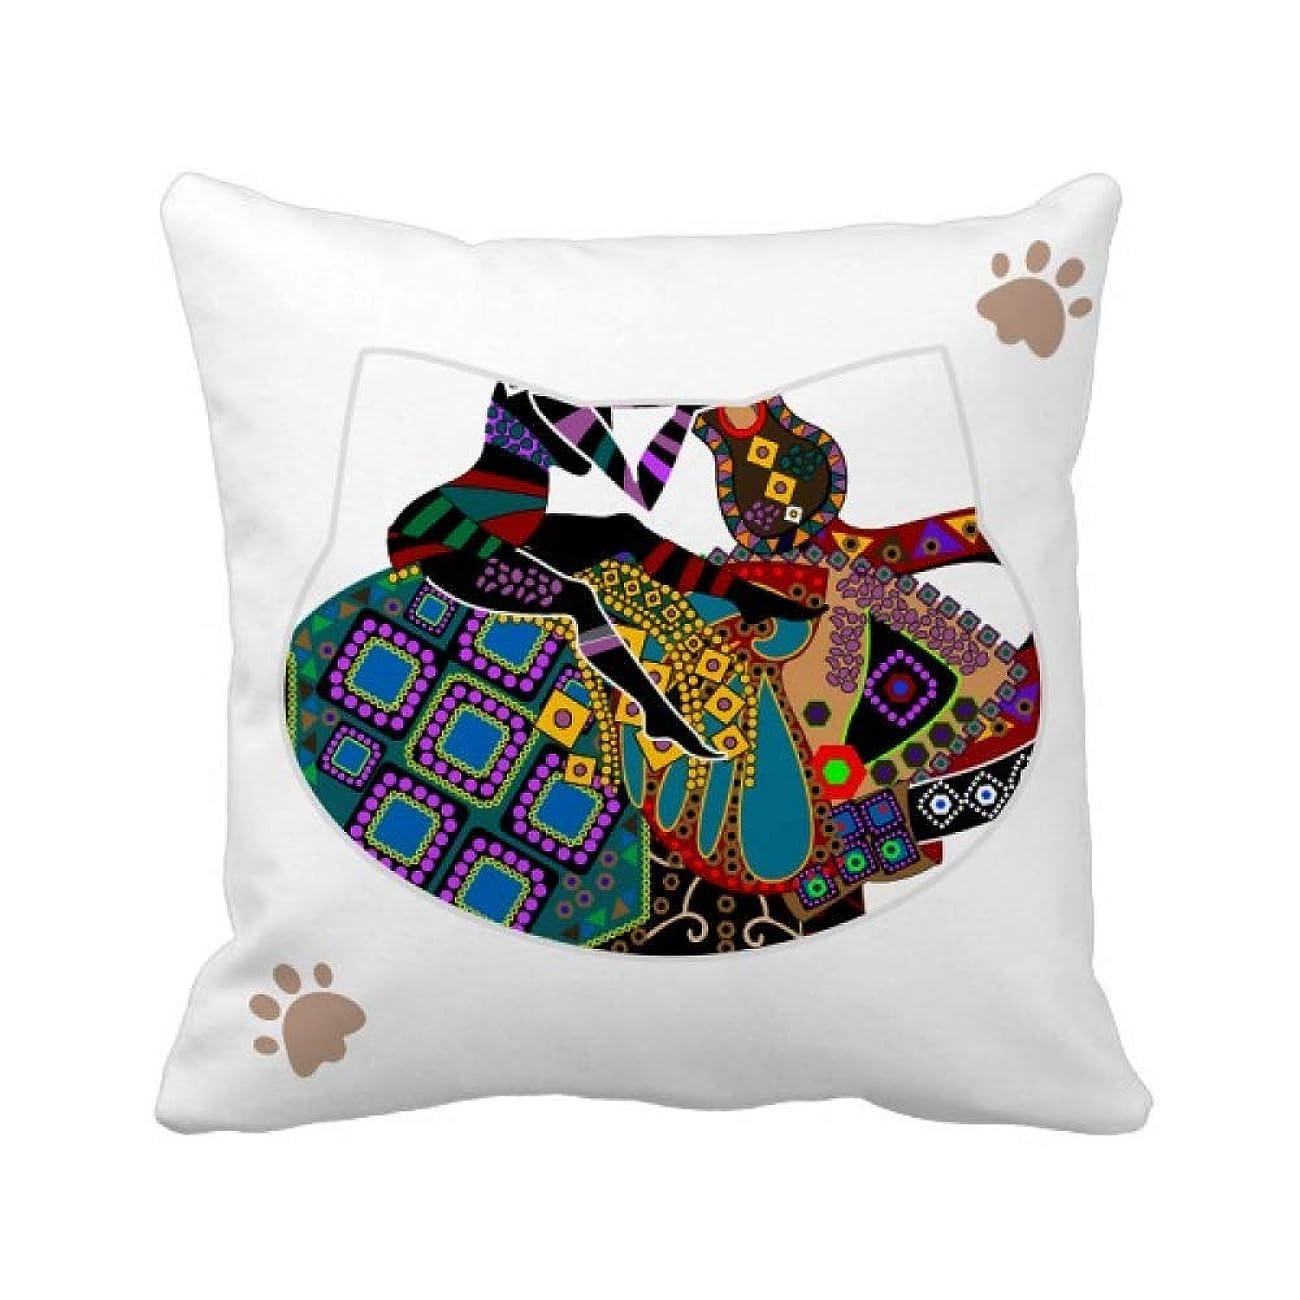 除去震えるもっと少なく中国の少数民族のドレッシングのトーテム象トレッキング 枕カバーを放り投げる猫広場 50cm x 50cm